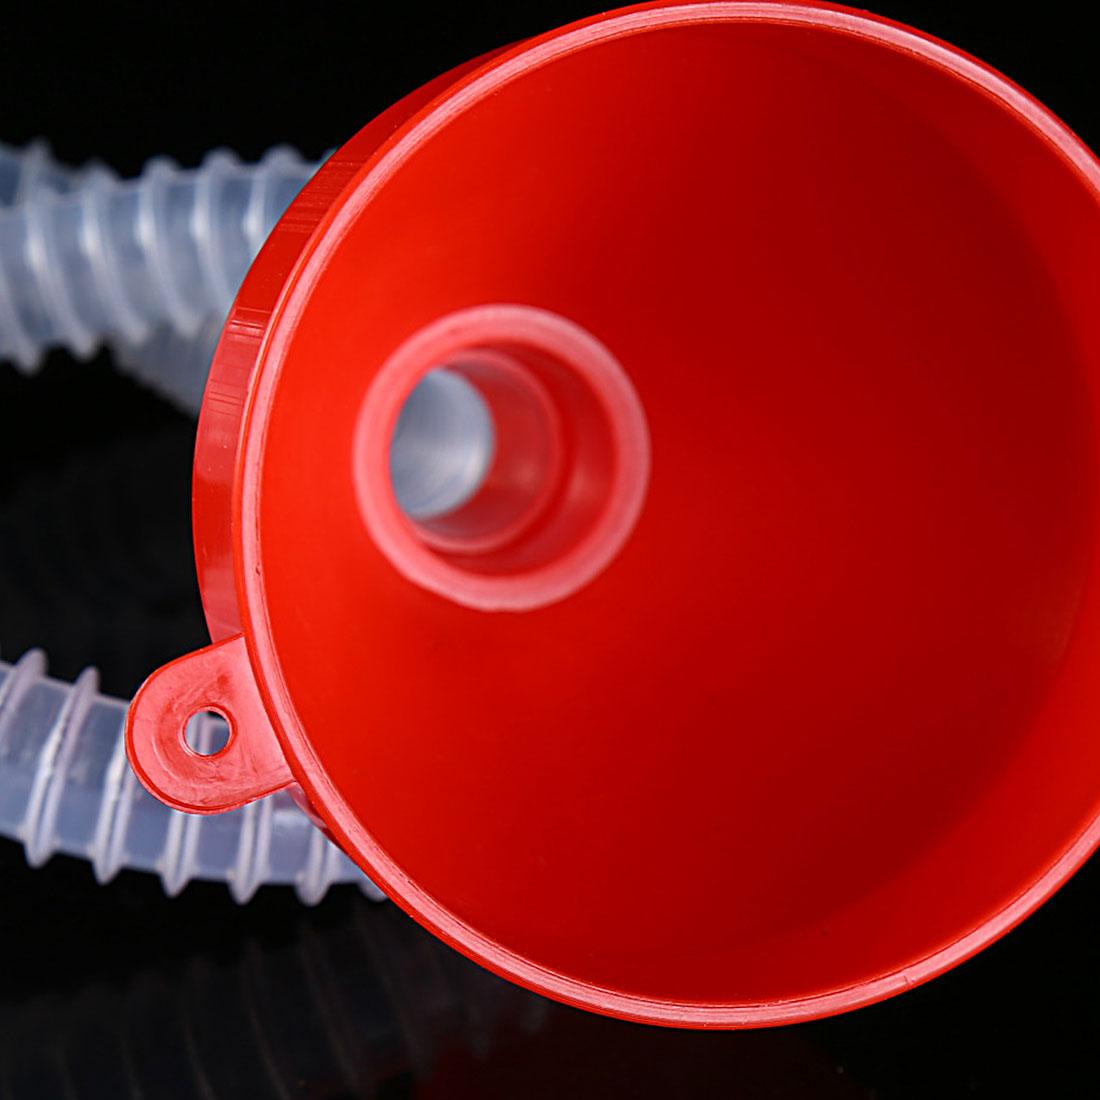 Автомобиль-partment Pour масляный инструмент автомобиль мотоцикл грузовик автомобиль пластиковая воронка с мягкой трубкой носик бензиновый дизельный автомобиль